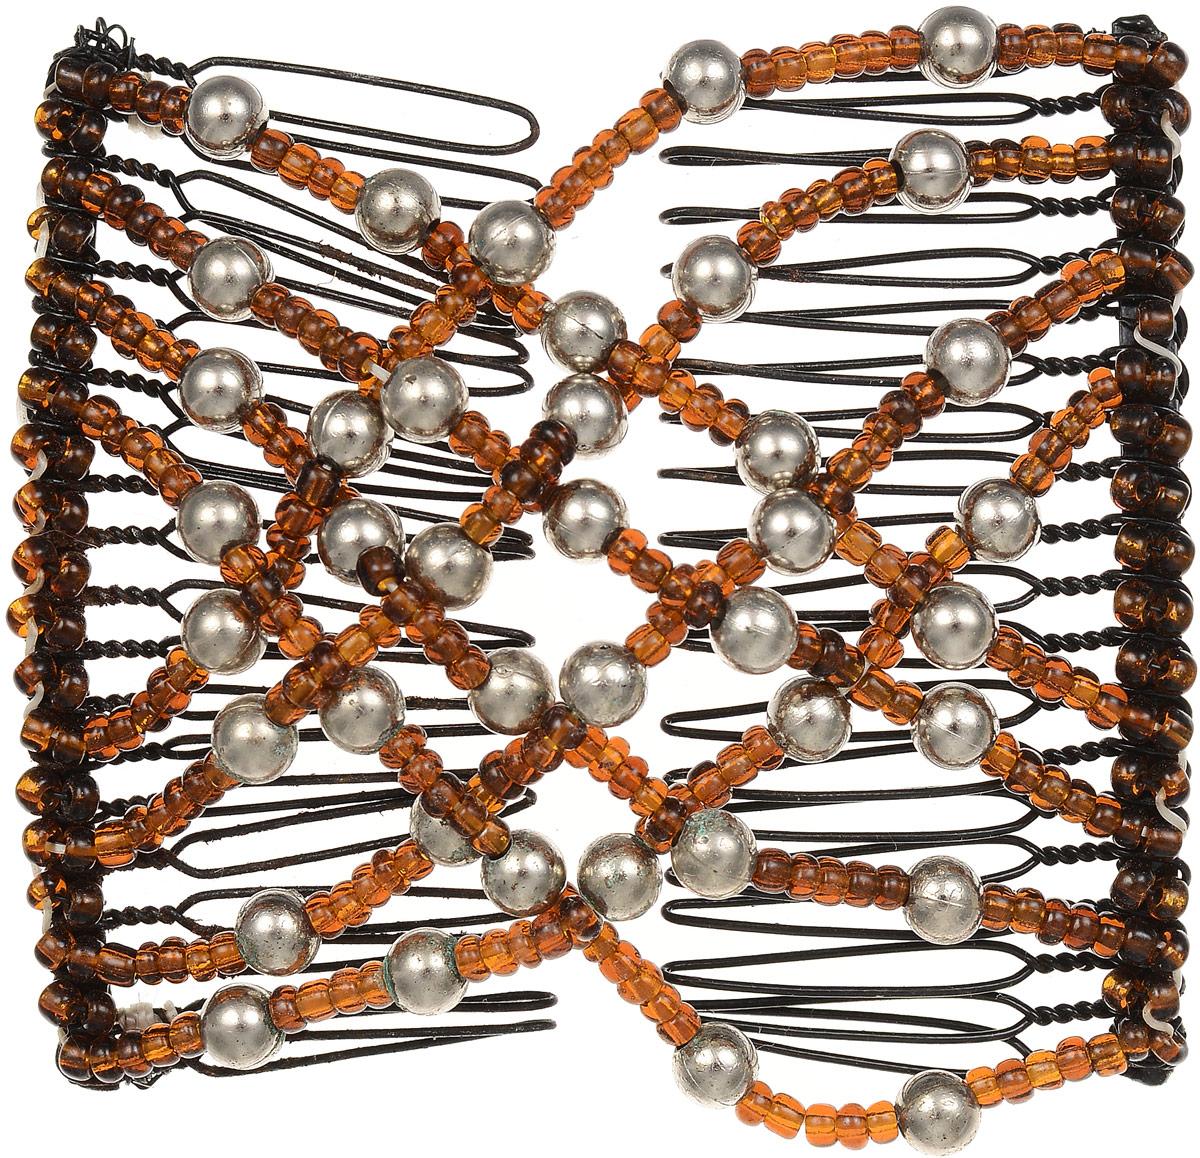 EZ-Combs Заколка Изи-Комбс, одинарная, цвет: коричневый, серебристый. ЗИОЗИО_коричневый, серебристый жемчугУдобная и практичная EZ-Combs подходит для любого типа волос: тонких, жестких, вьющихся или прямых, и не наносит им никакого вреда. Заколка не мешает движениям головы и не создает дискомфорта, когда вы отдыхаете или управляете автомобилем. Каждый гребень имеет по 20 зубьев для надежной фиксации заколки на волосах! И даже во время бега и интенсивных тренировок в спортзале EZ-Combs не падает; она прочно фиксирует прическу, сохраняя укладку в первозданном виде.Небольшая и легкая заколка для волос EZ-Combs поместится в любой дамской сумочке, позволяя быстро и без особых усилий создавать неповторимые прически там, где вам это удобно. Гребень прекрасно сочетается с любой одеждой: будь это классический или спортивный стиль, завершая гармоничный облик современной леди. И неважно, какой образ жизни вы ведете, если у вас есть EZ-Combs, вы всегда будете выглядеть потрясающе.